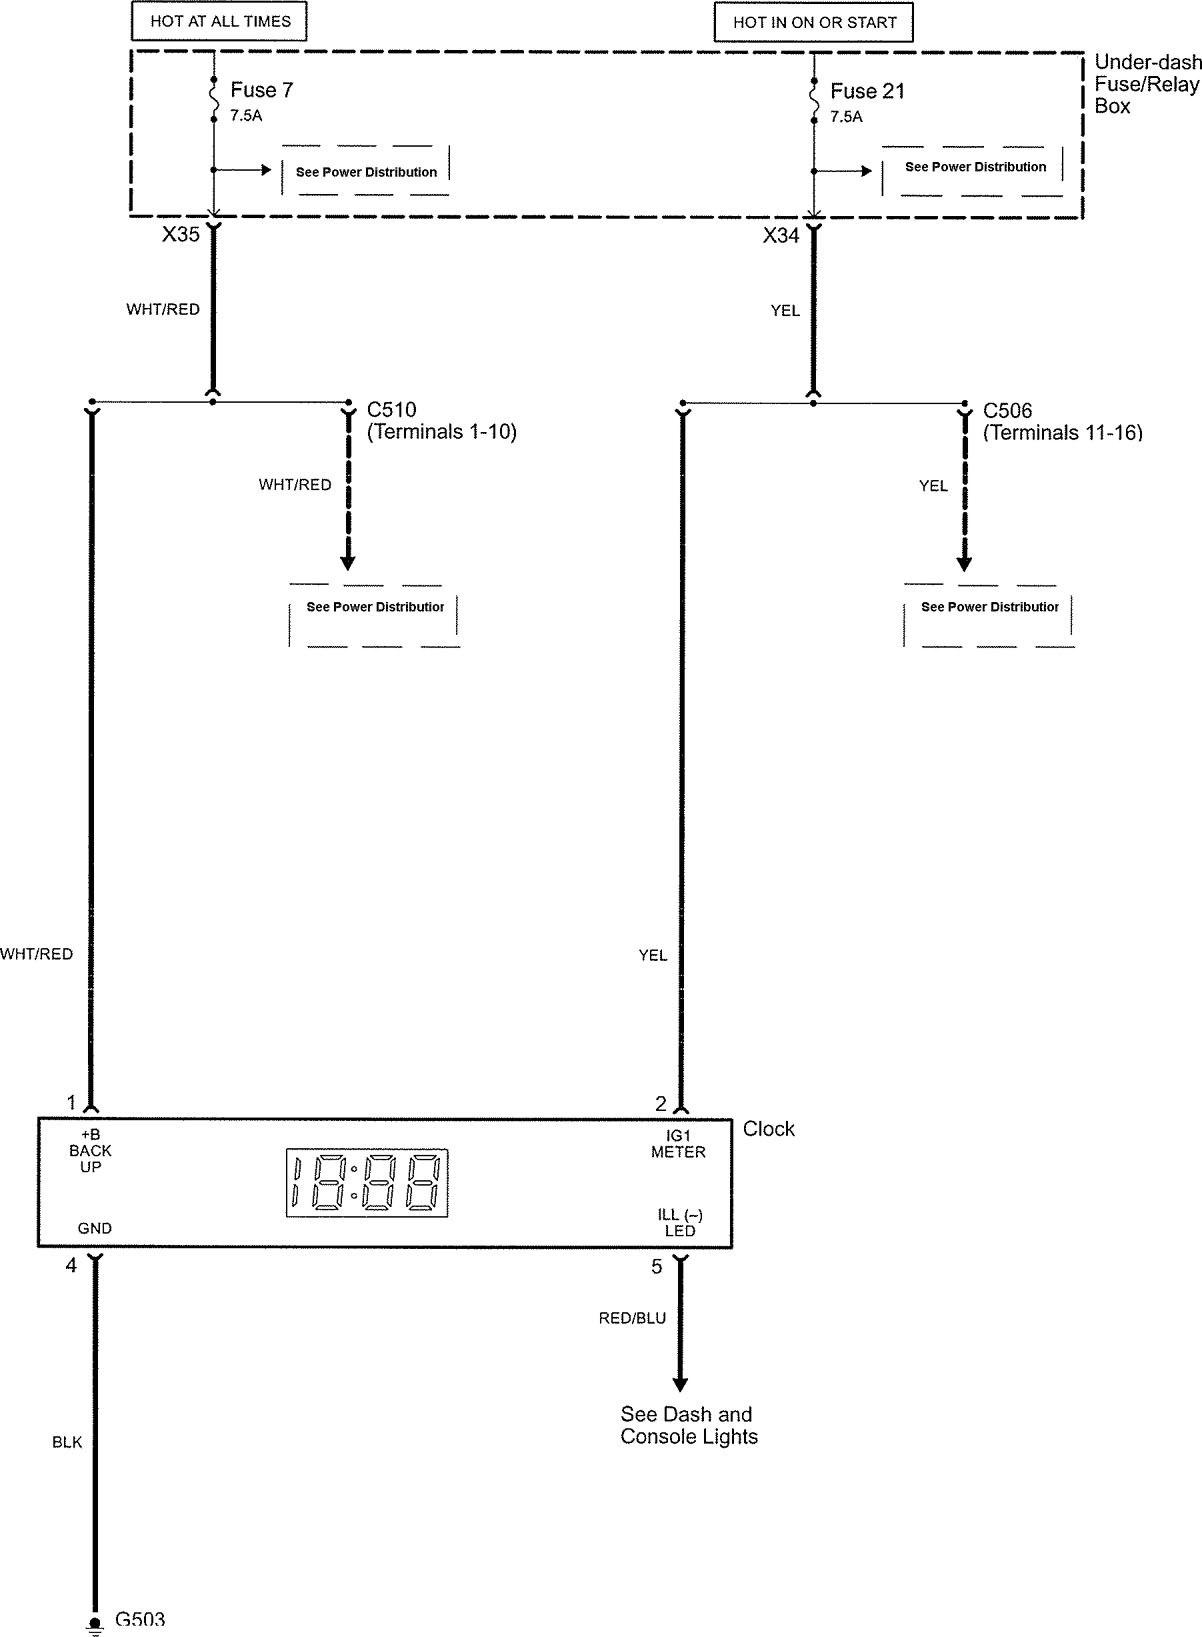 Acura Tl  2006  - Wiring Diagrams - Clock